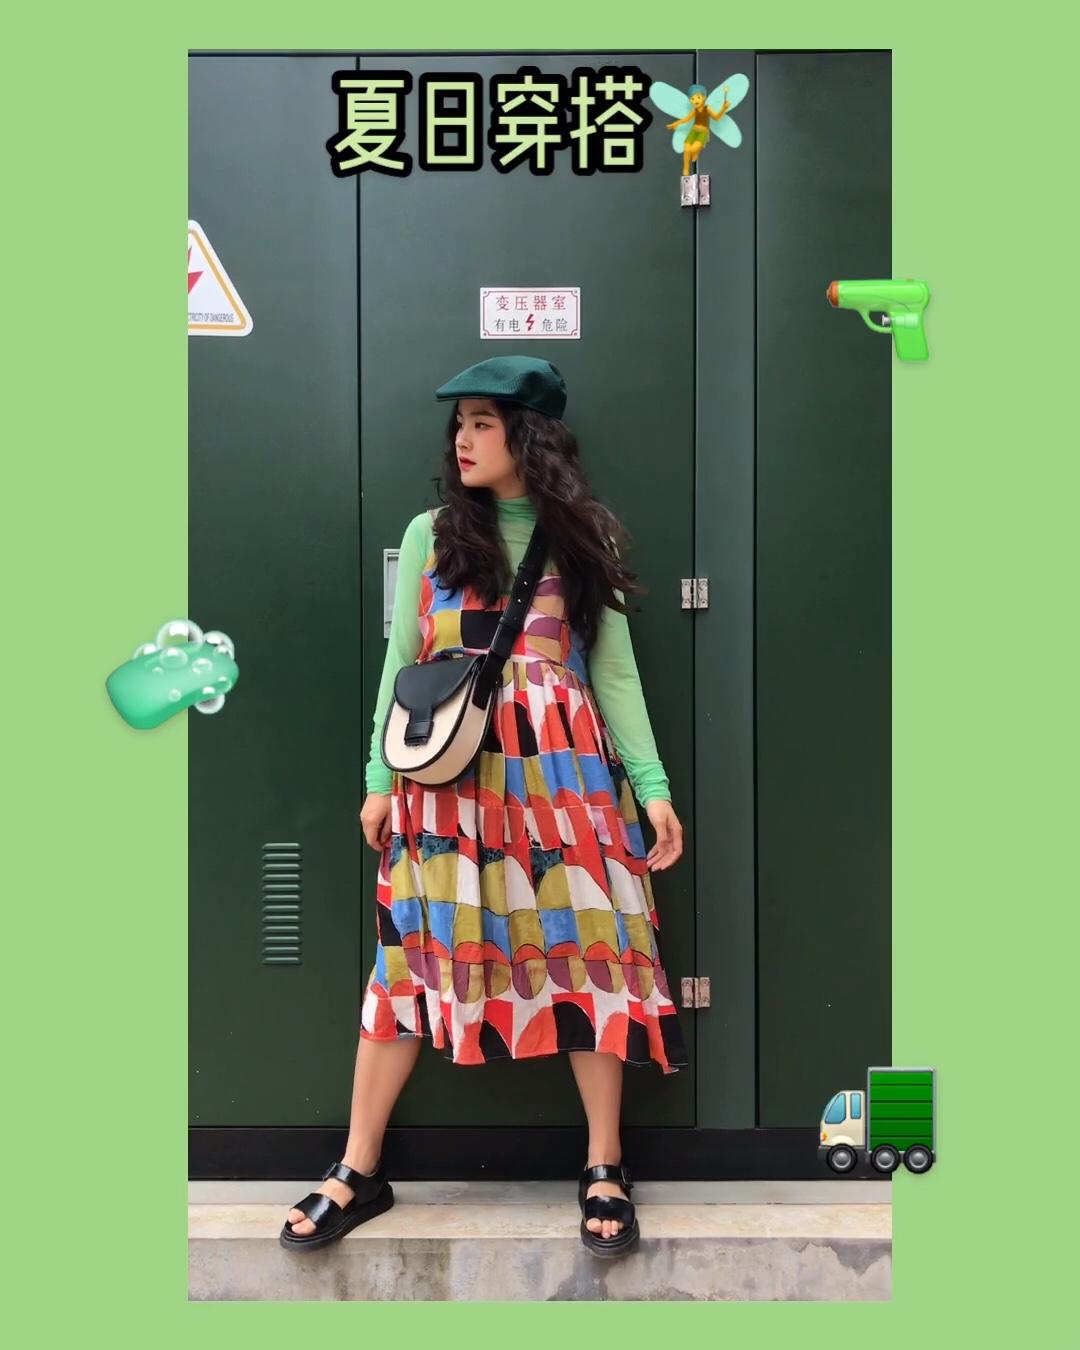 绿色印花圆领宽松短袖T恤 搭配一排扣半身短牛仔裙 斜挎黄色包包和草编平底凉鞋 整套清新甜美 活力满满 #神仙级显瘦连衣裙,早买早瘦!#